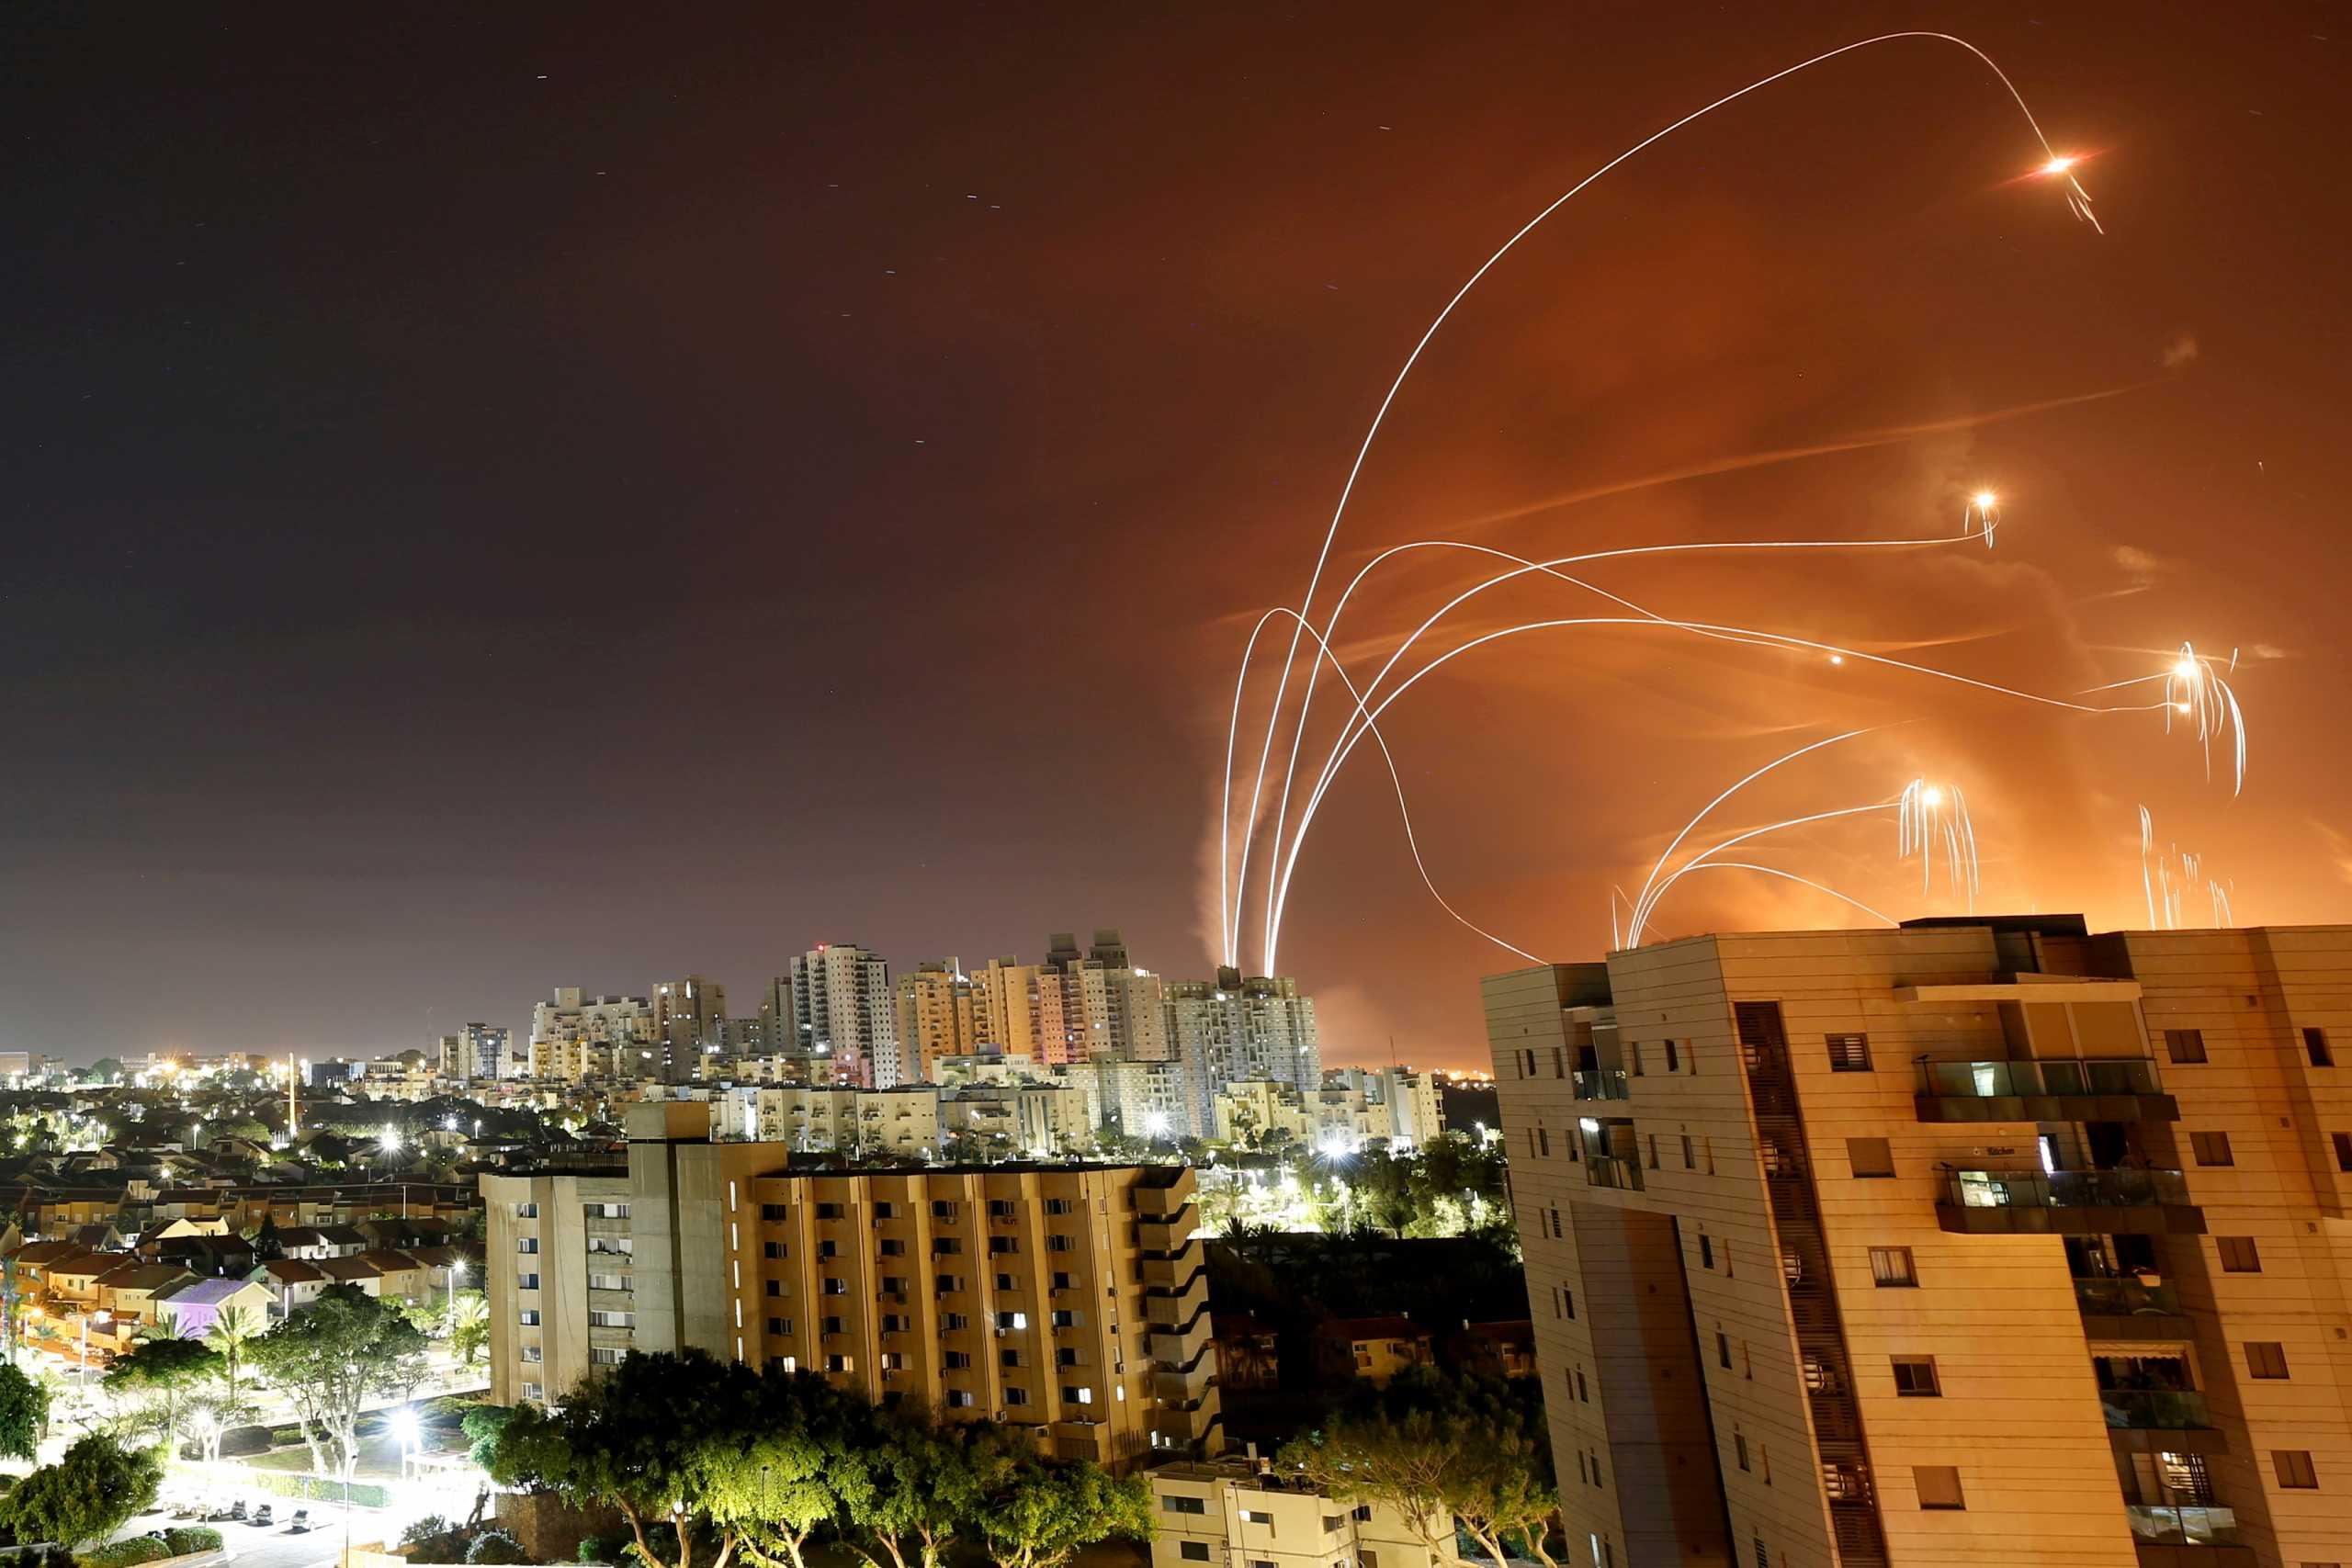 Iron Dome: Το Ισραήλ ζητά ενίσχυση από τις ΗΠΑ για τον ανεφοδιασμό του αντιπυραυλικού συστήματος